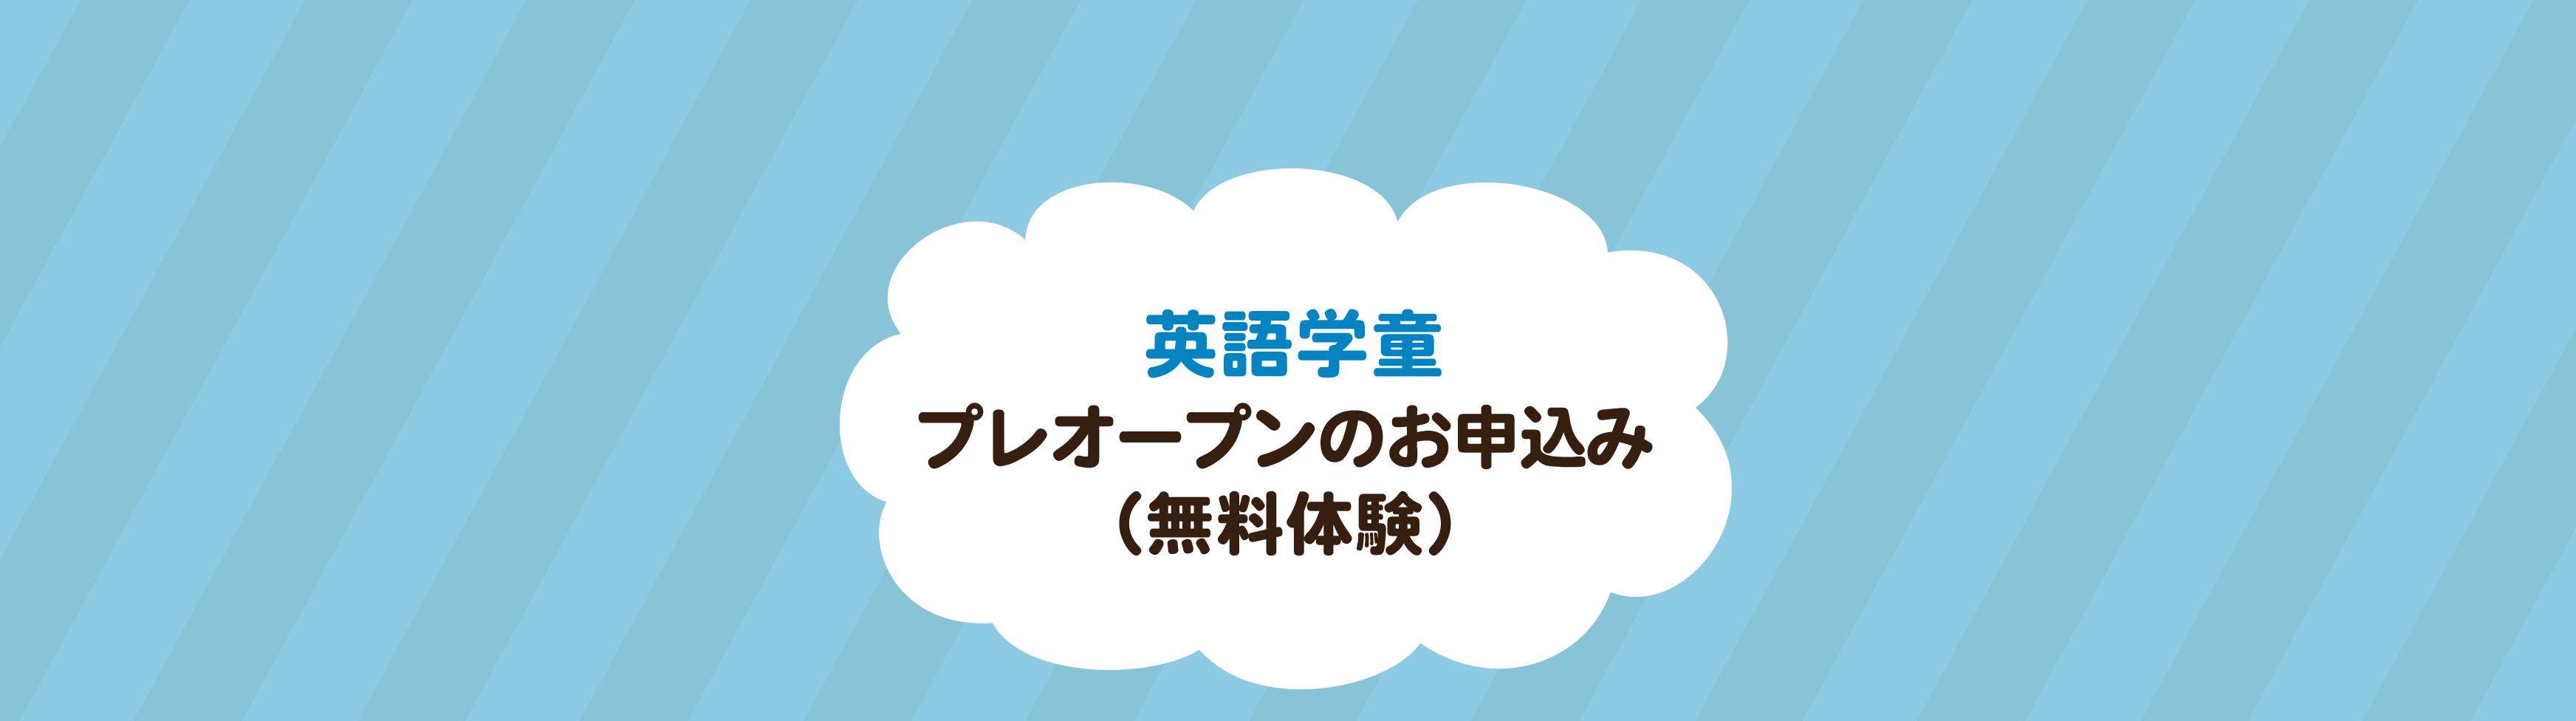 新潟の英語学童 大人英会話 Blue door (ブルードア)|フォニックス学習法で正しくきれいな発音に